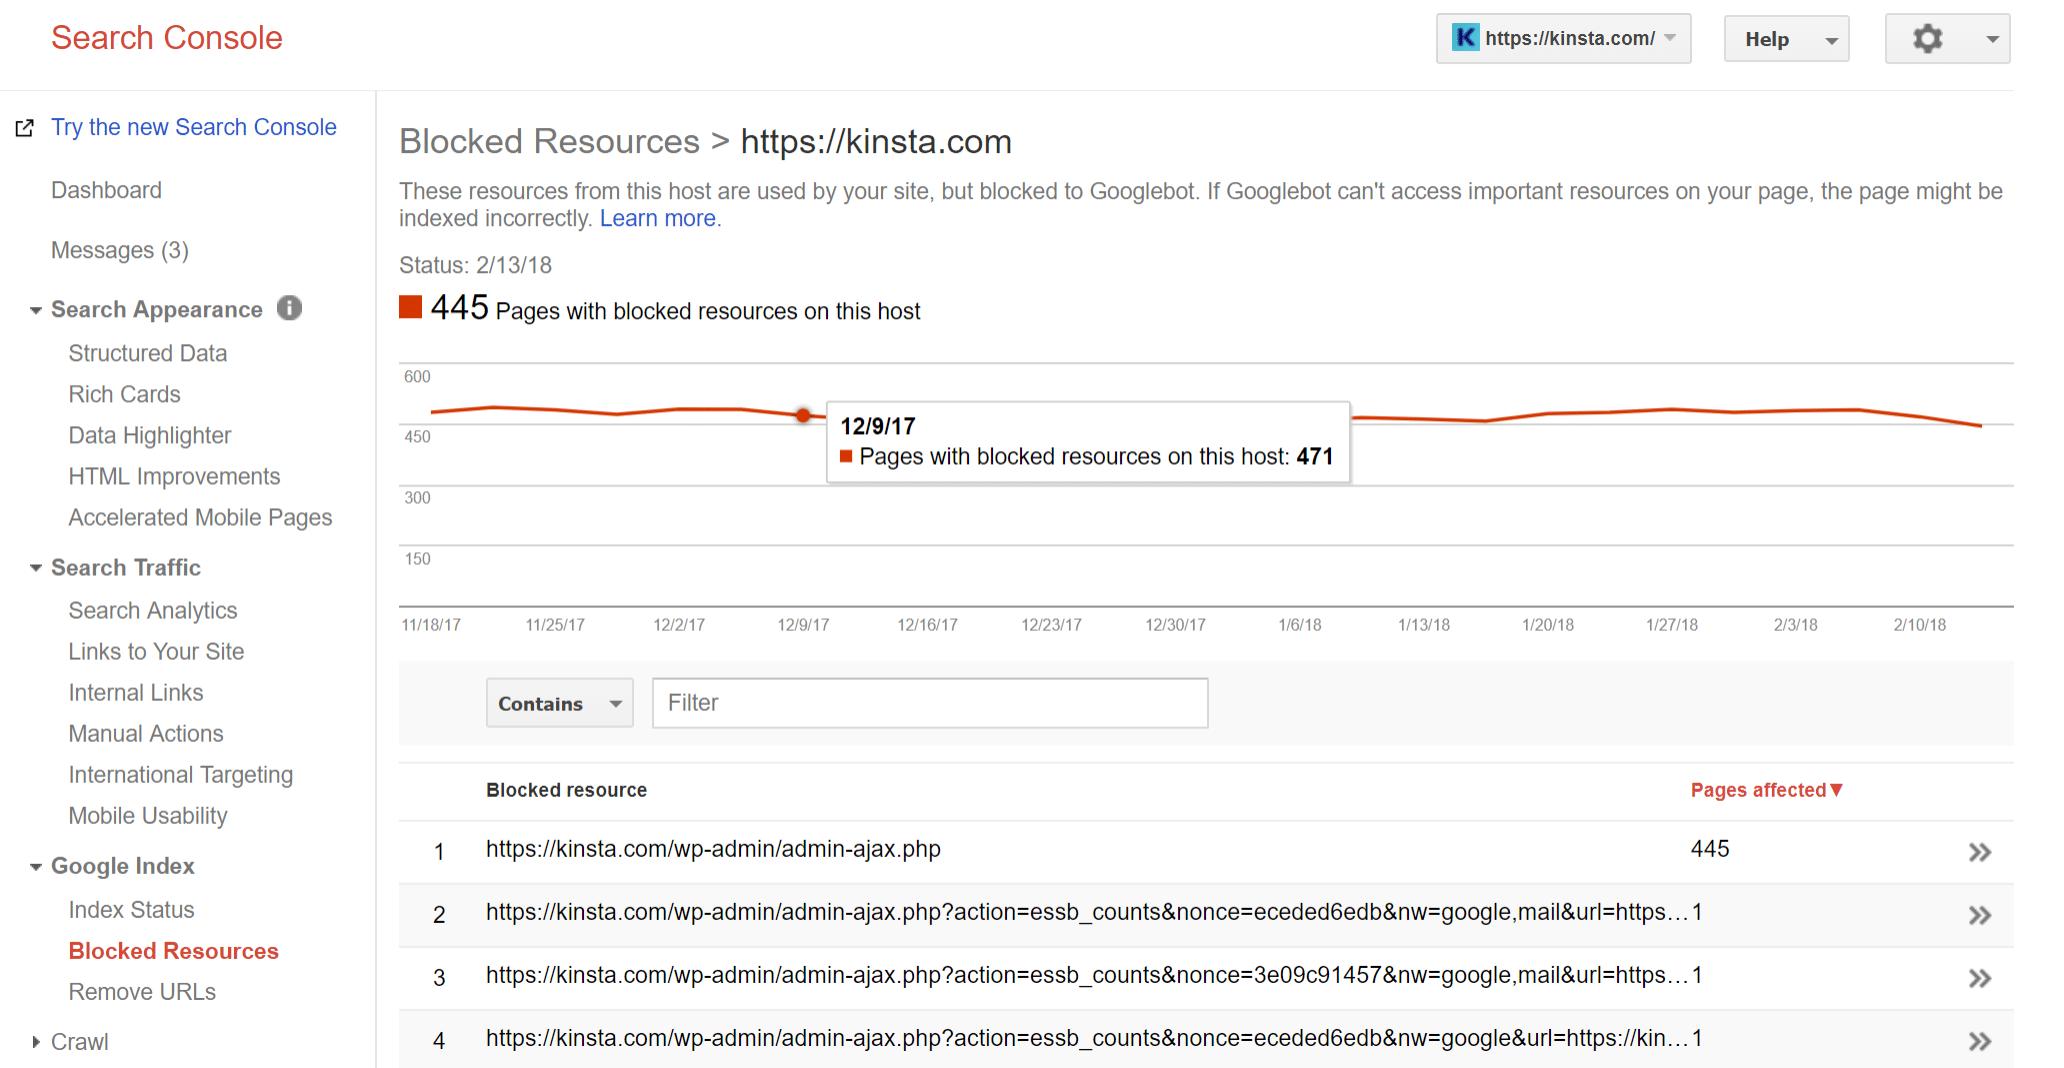 Páginas con recursos bloqueados en este host